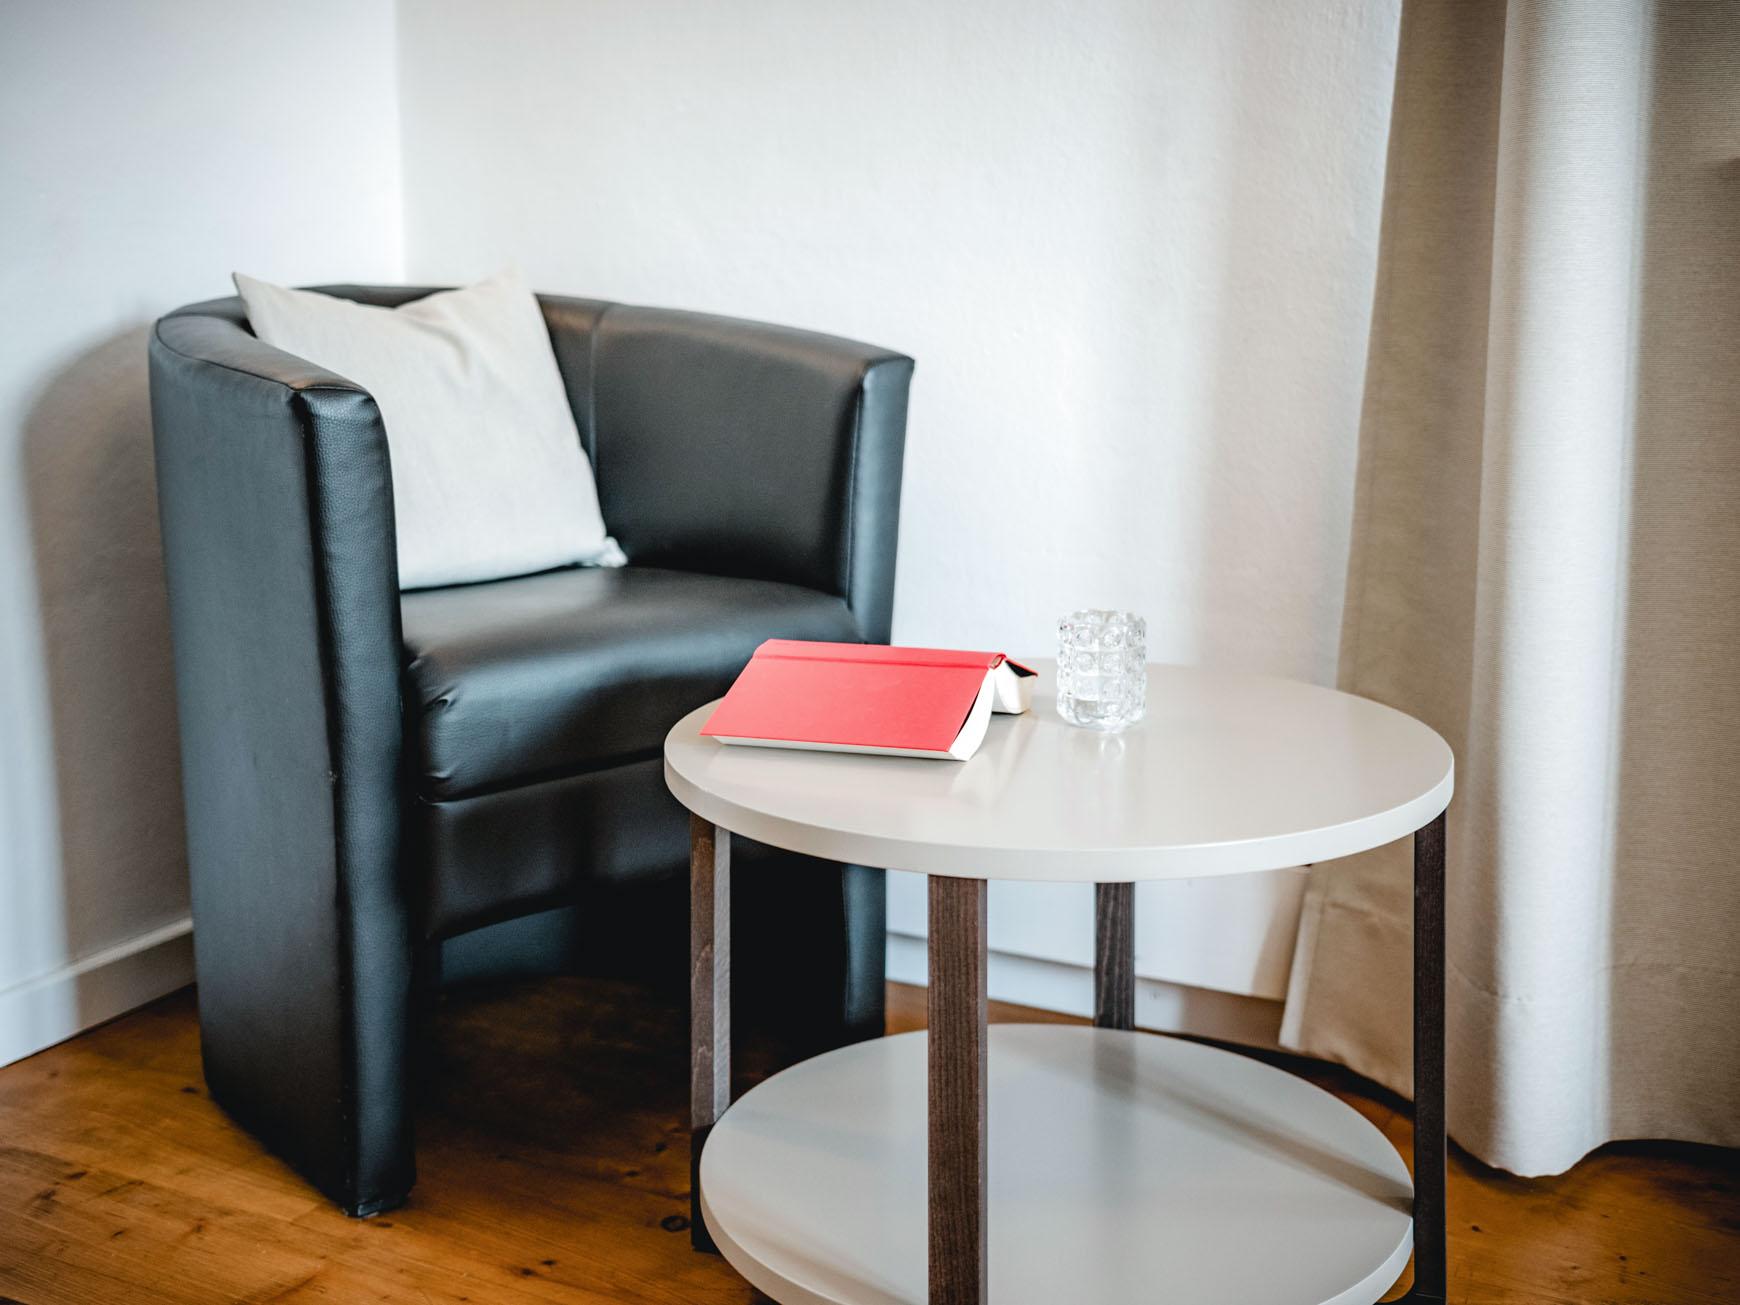 Mehrbettzimmer - Sitzecke mit Beistelltisch